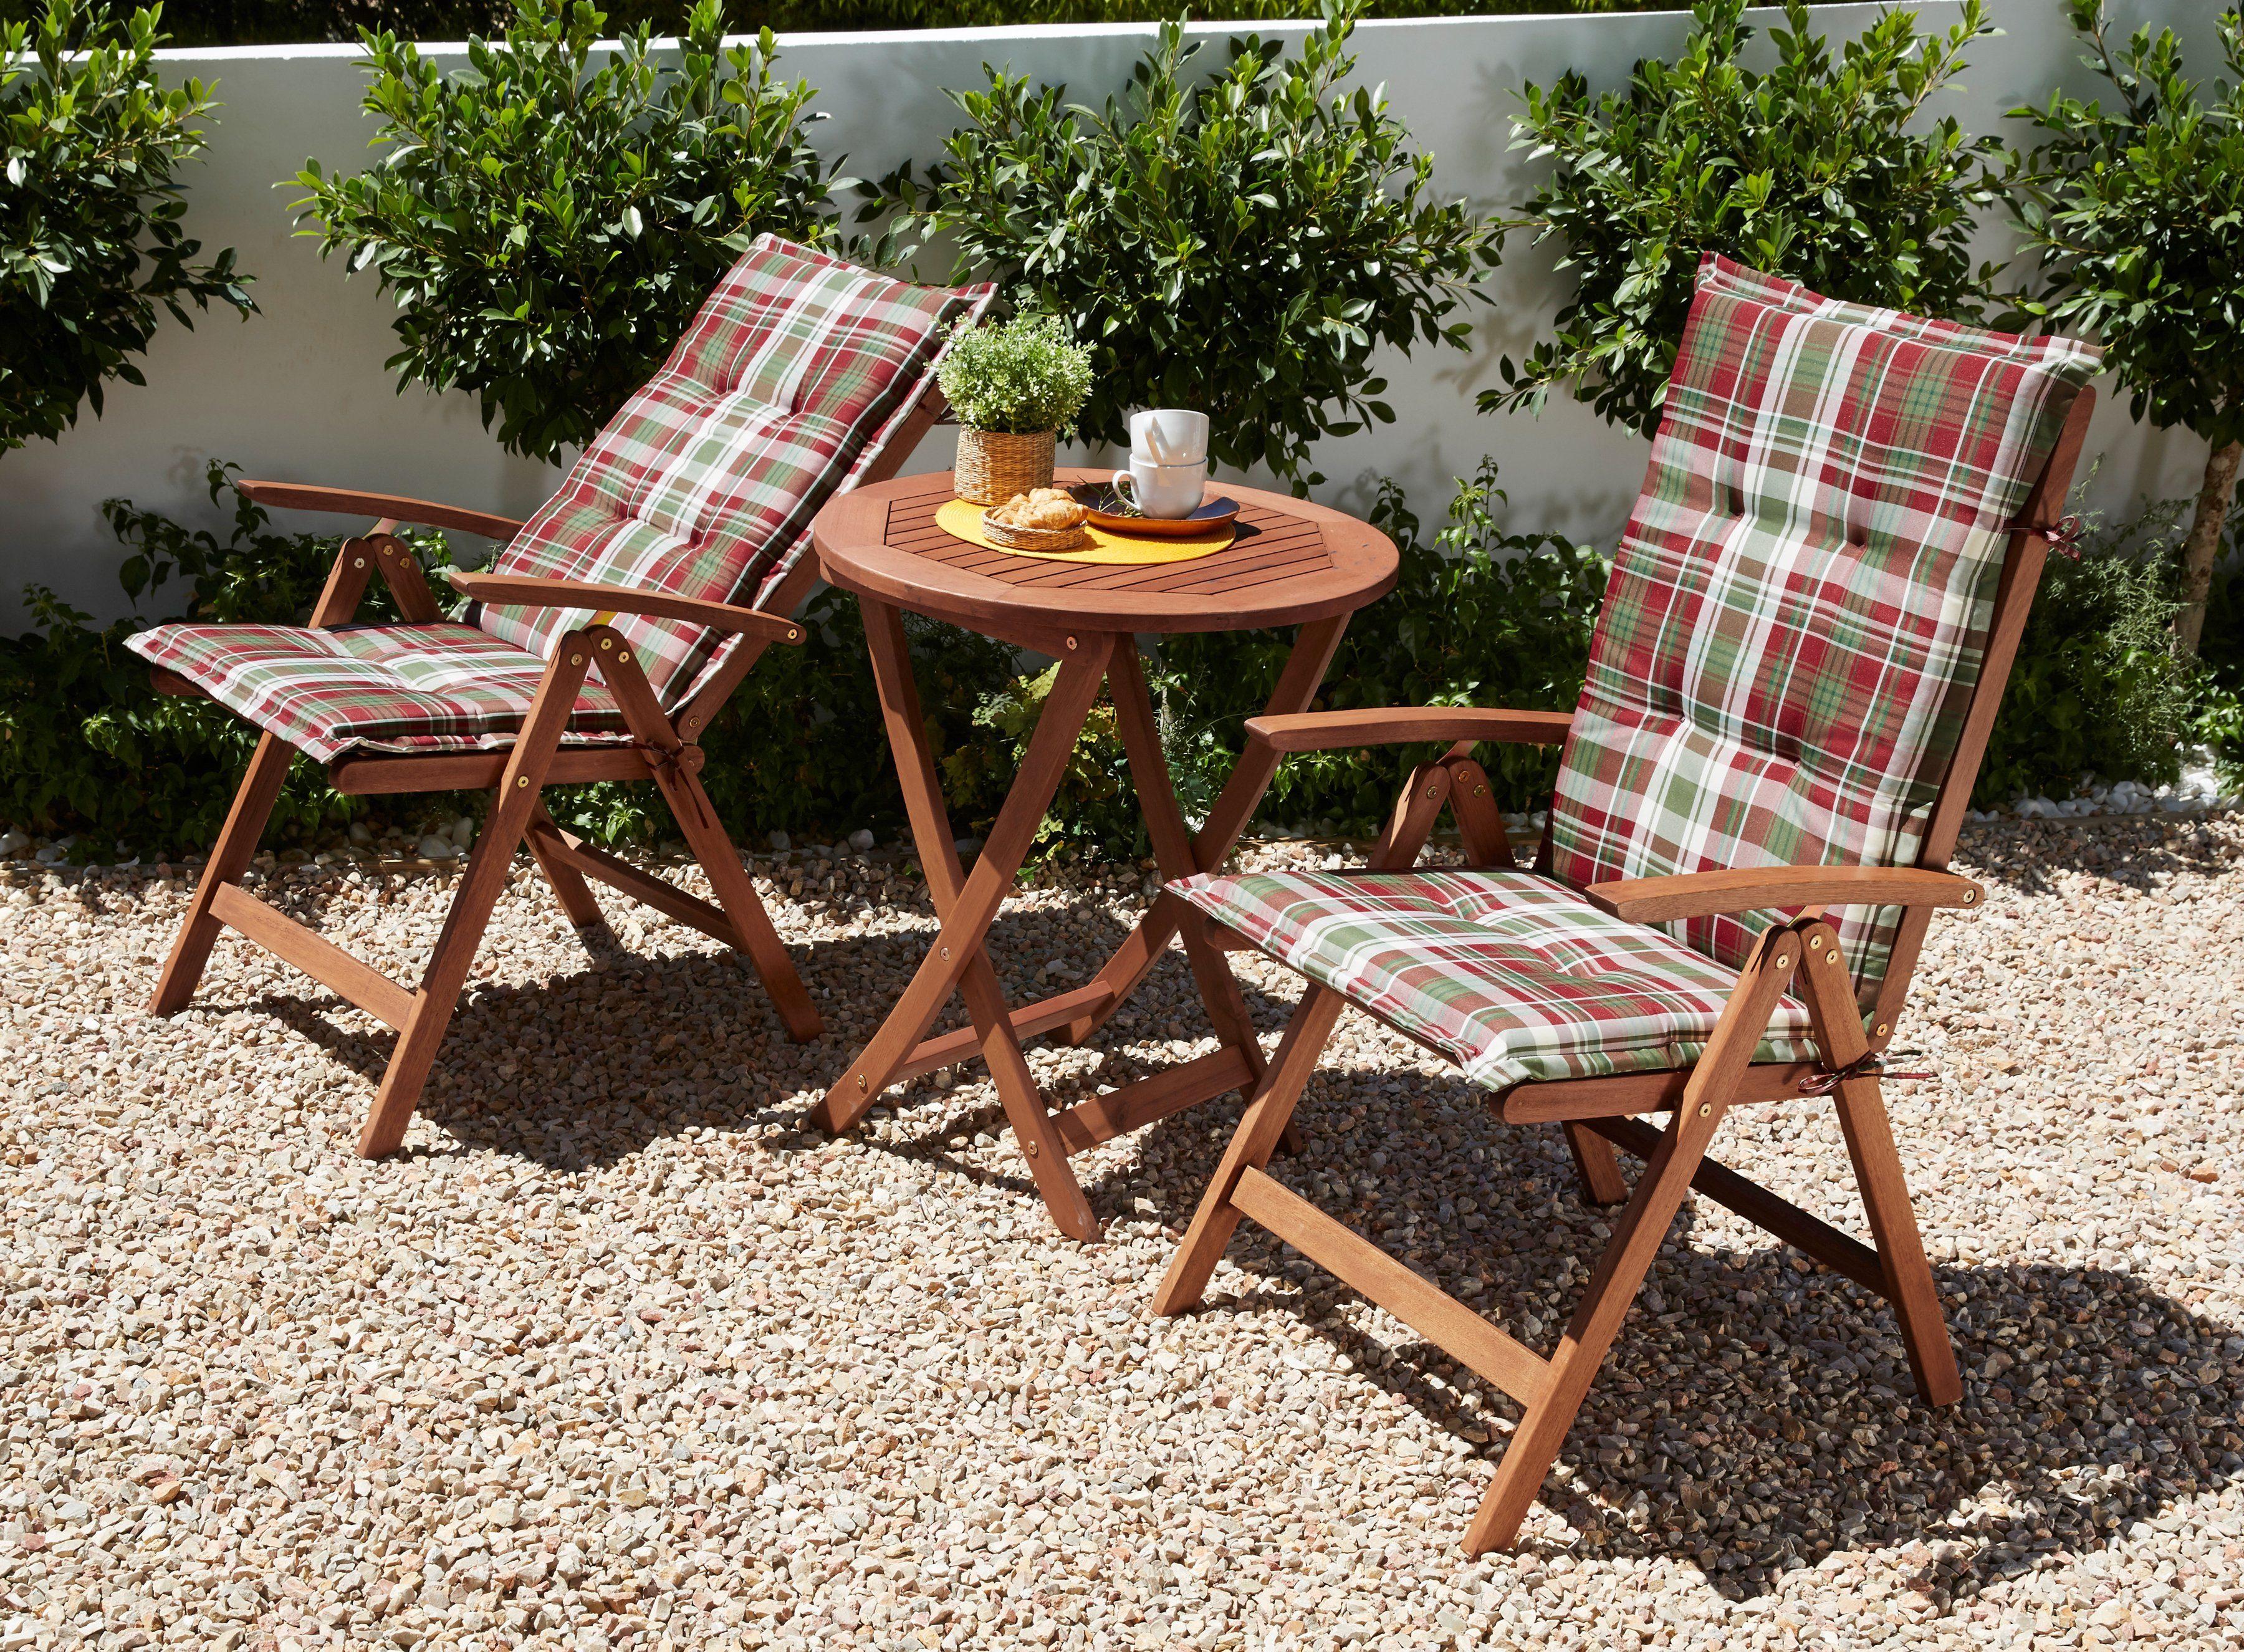 Gartenmöbel Set Holz Teilig ~ Gartenmobel aluminium holz galerie finden sie ihre wohnung dekor